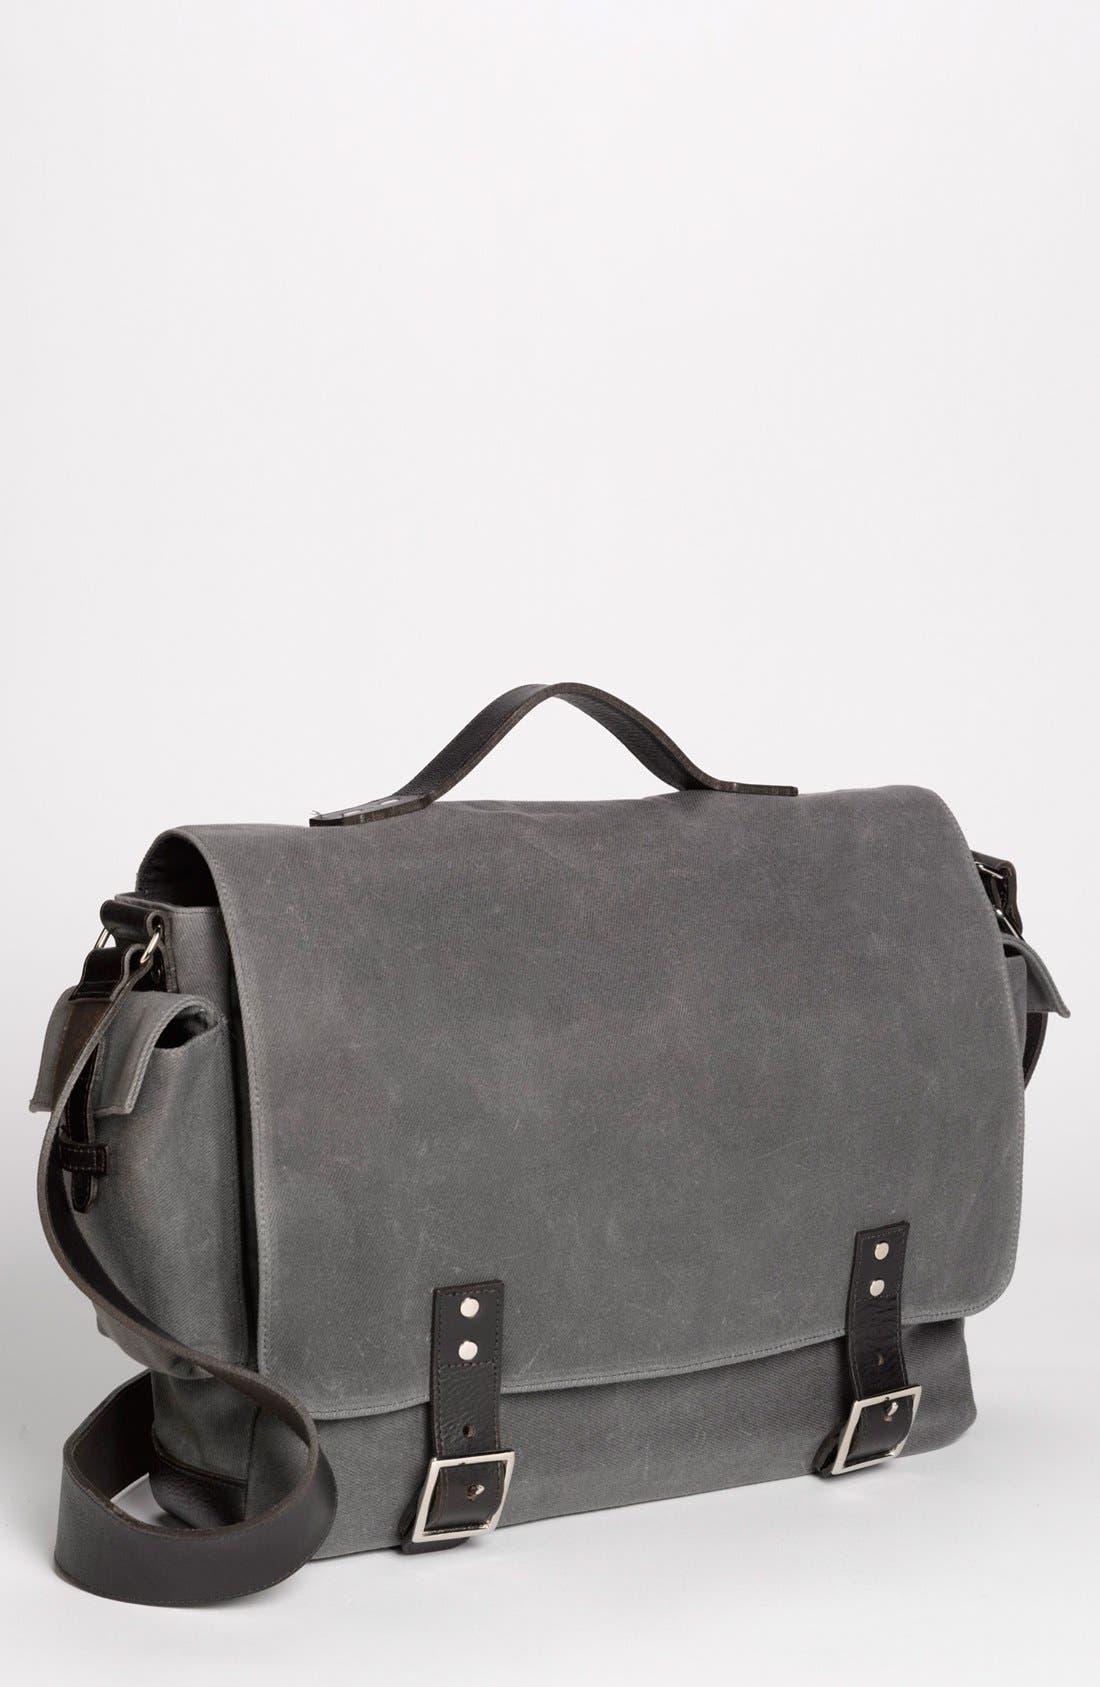 Main Image - Ernest Alexander 'Hudson' Messenger Bag